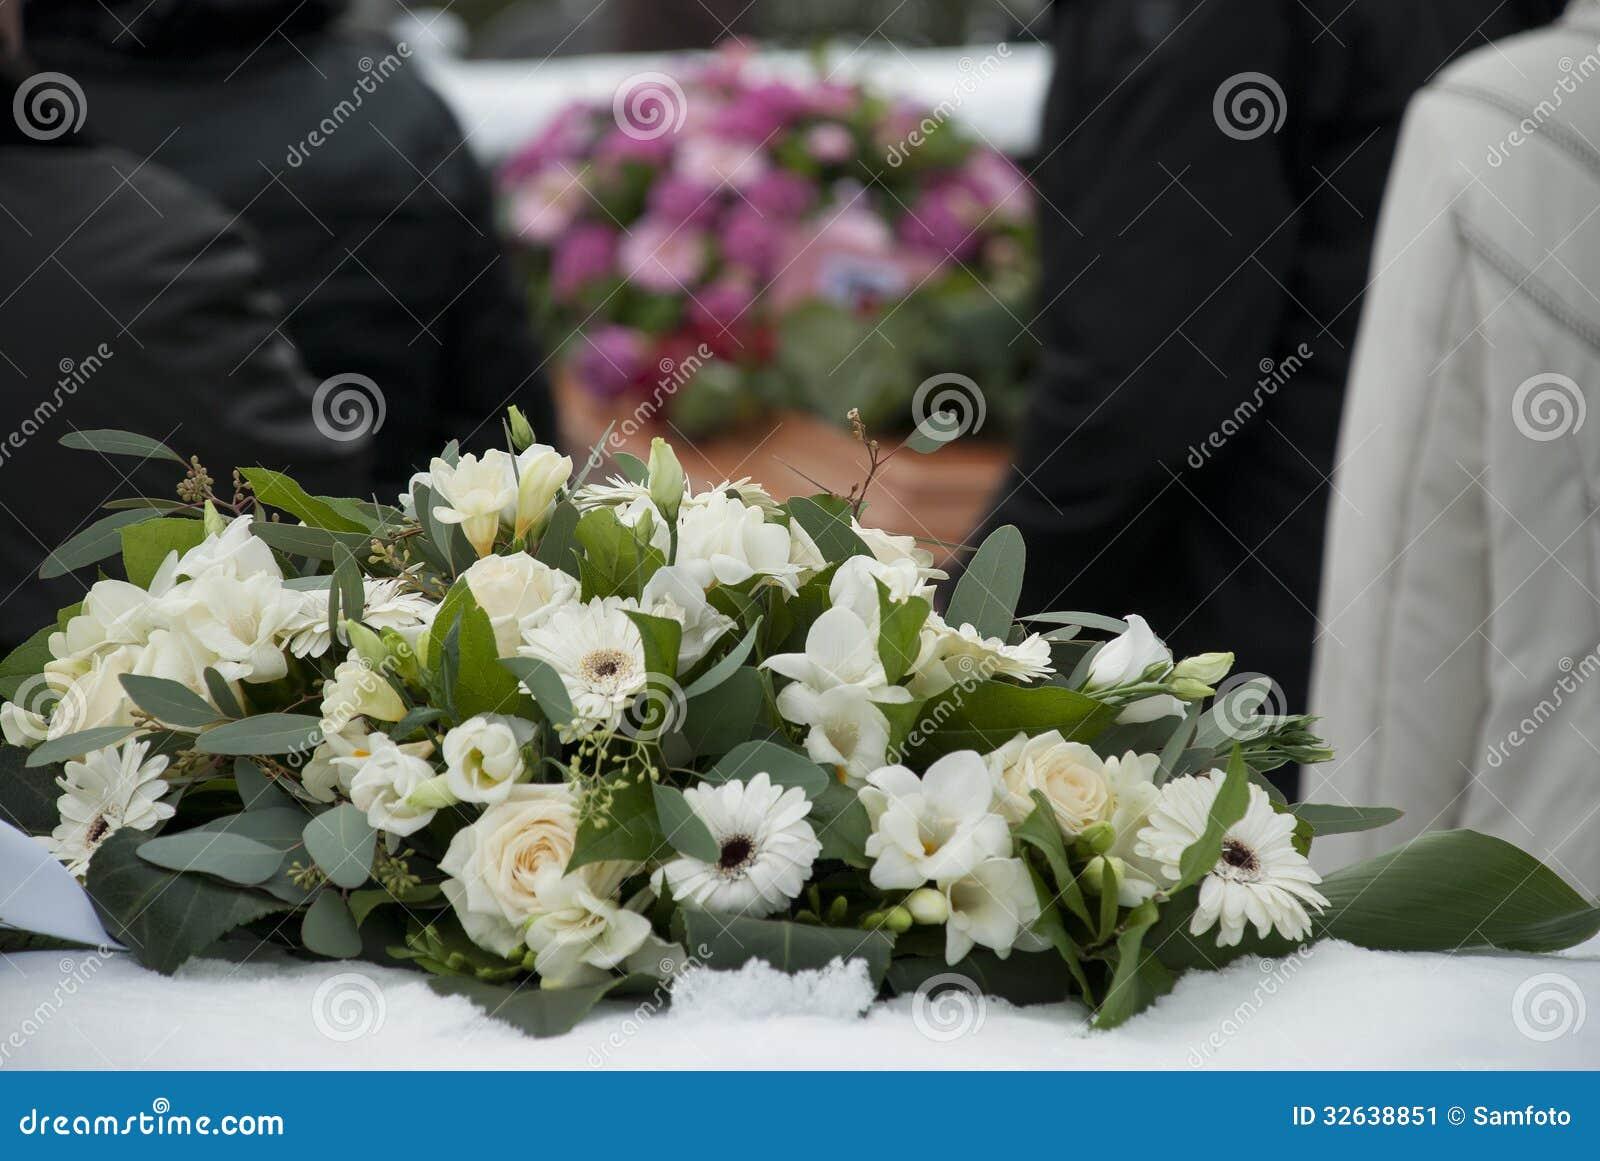 Flores fúnebres blancas en la nieve antes de un caket